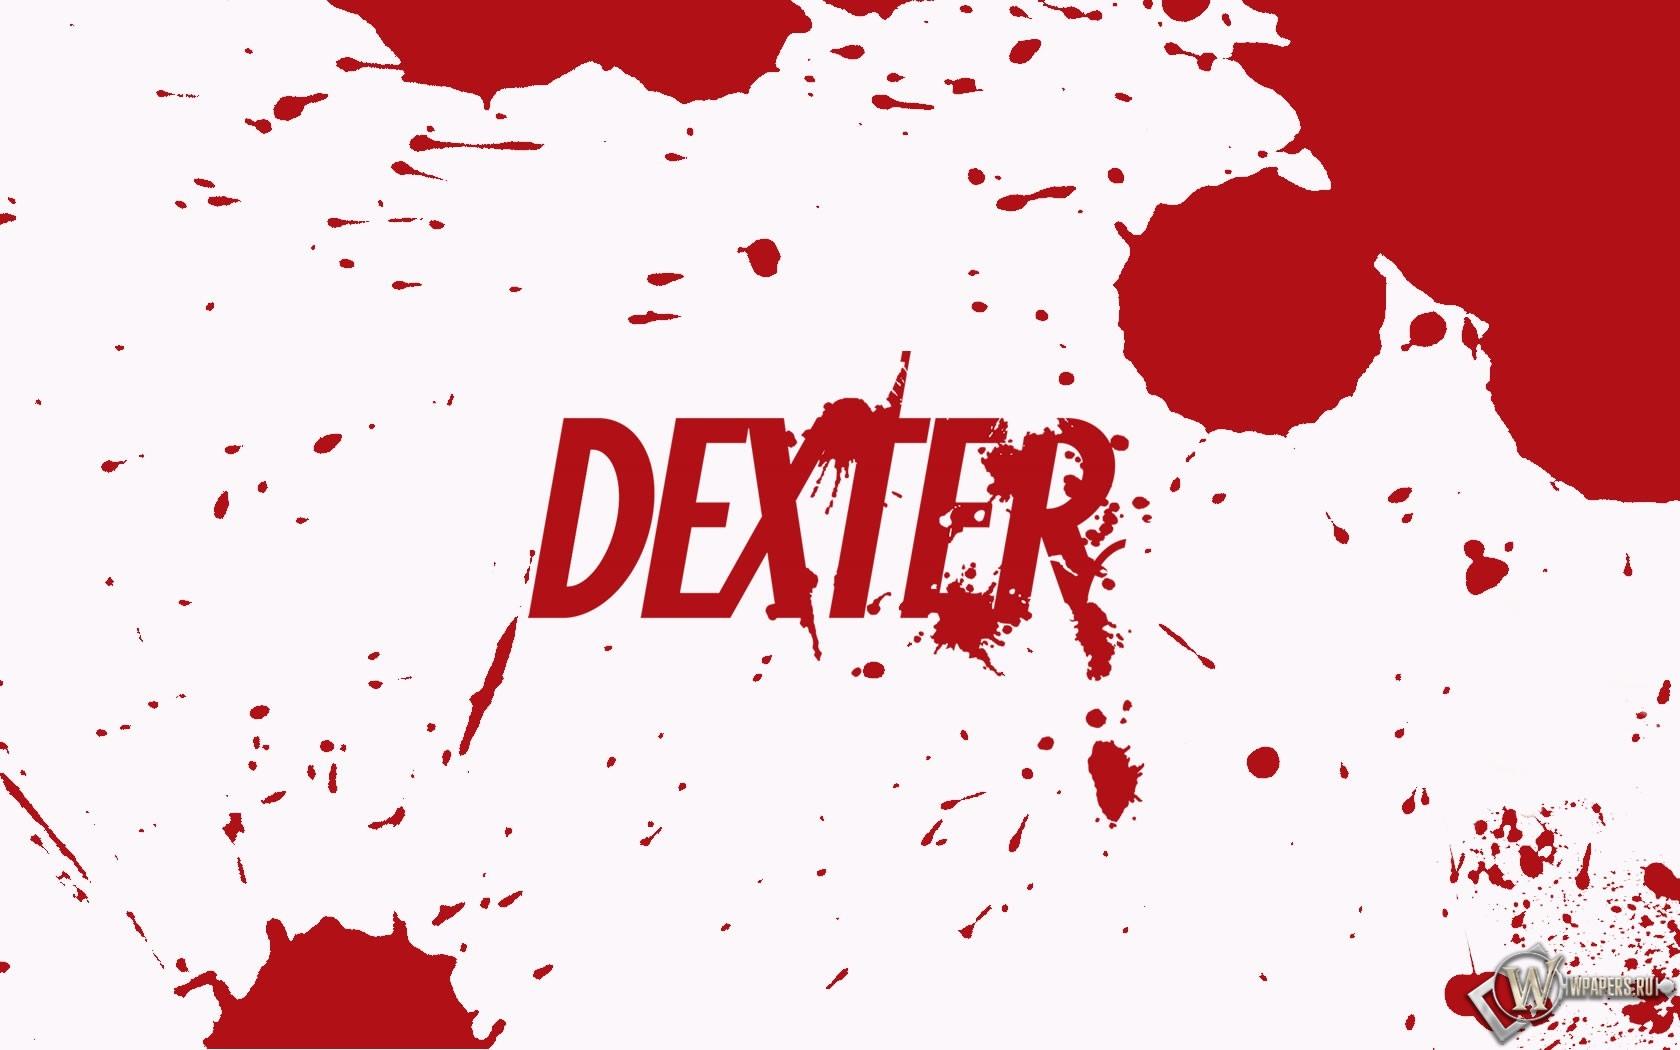 Dexter 1680x1050